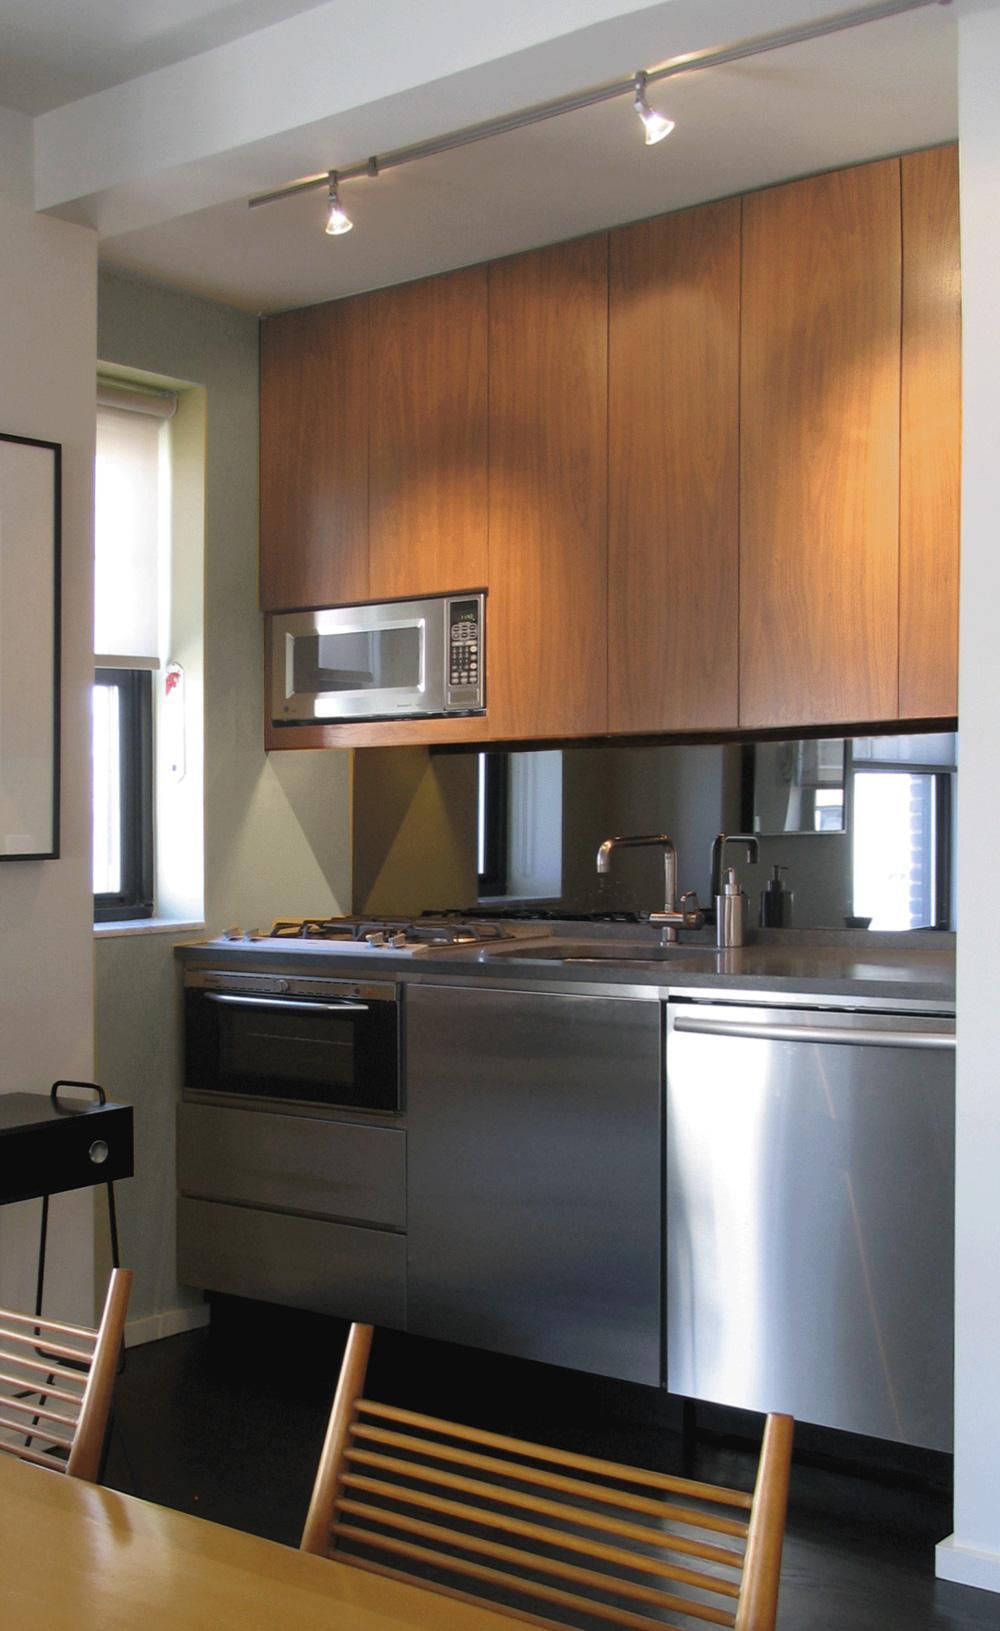 prewar-apartment--kitchen-1.jpg